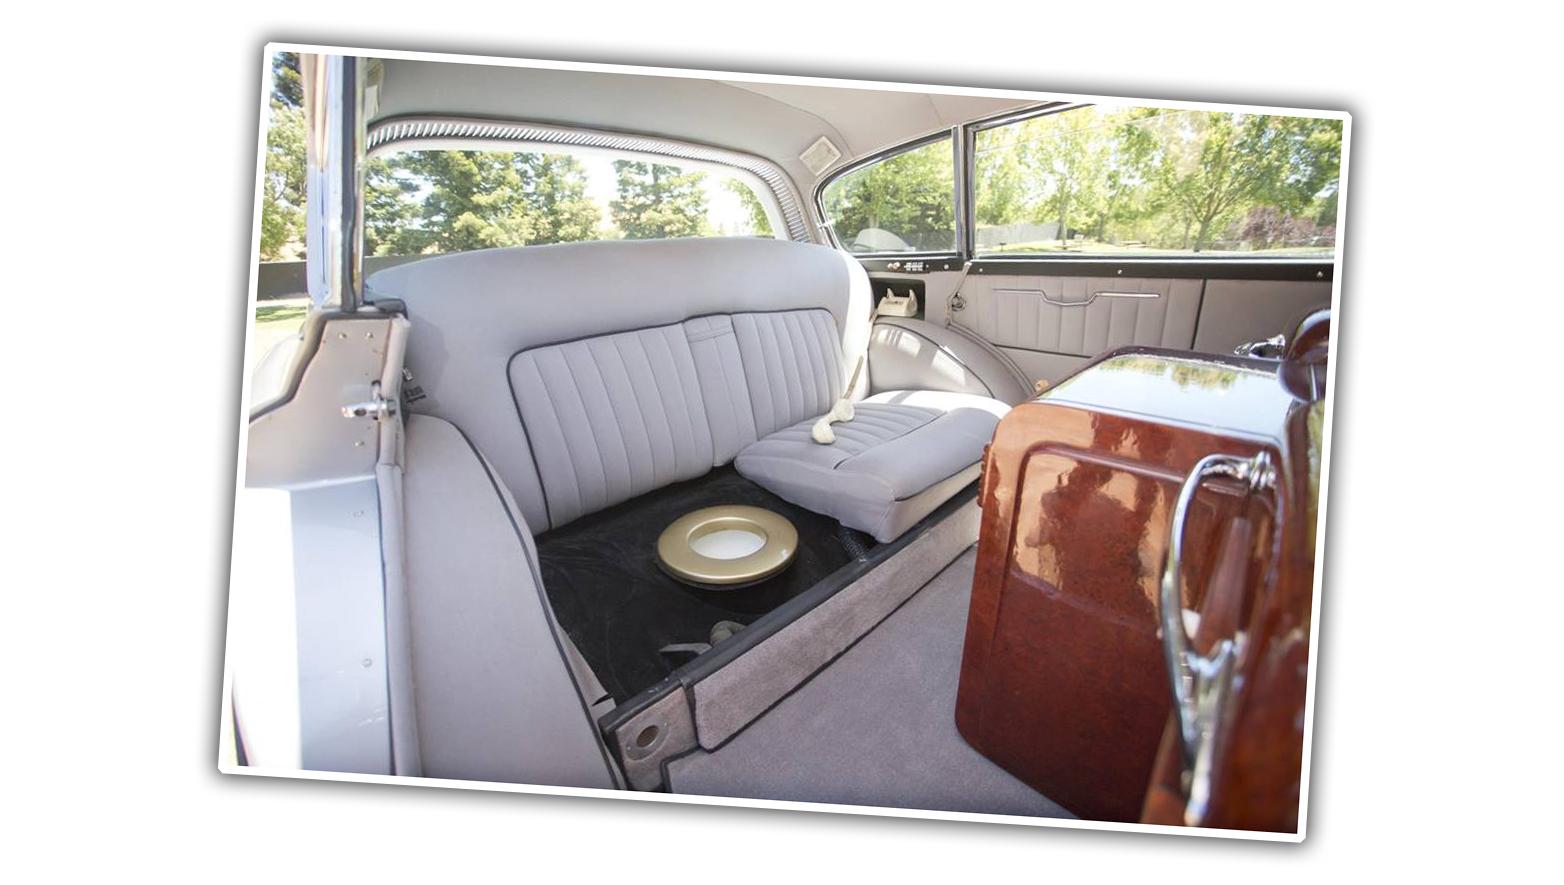 Kỳ lạ, Rolls-Royce trang bị cả nhà vệ sinh trong xe